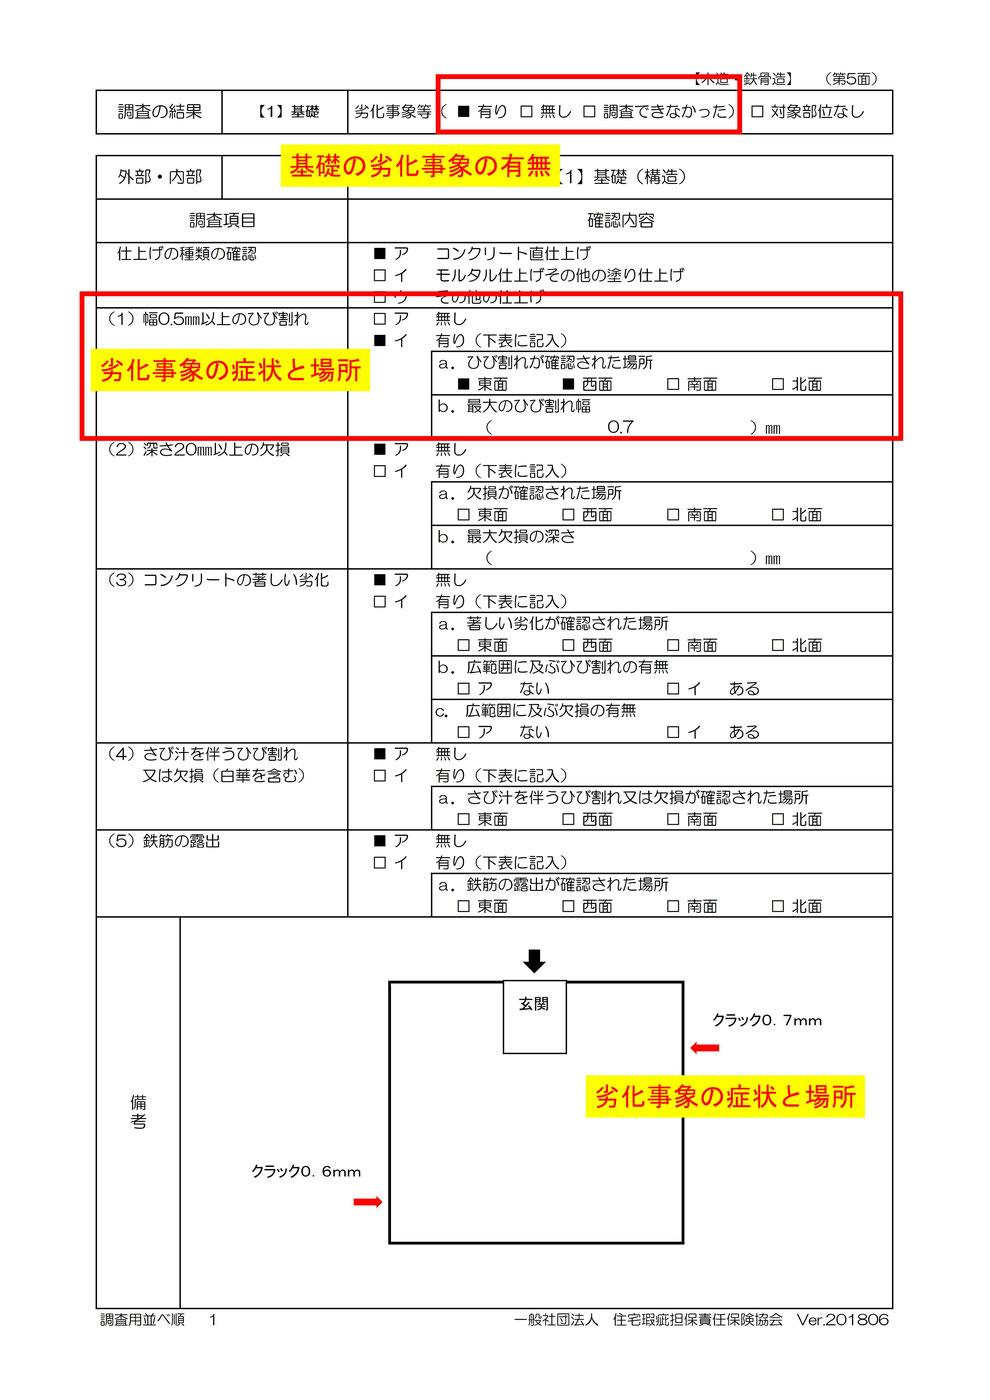 建物状況調査報告書サンプル